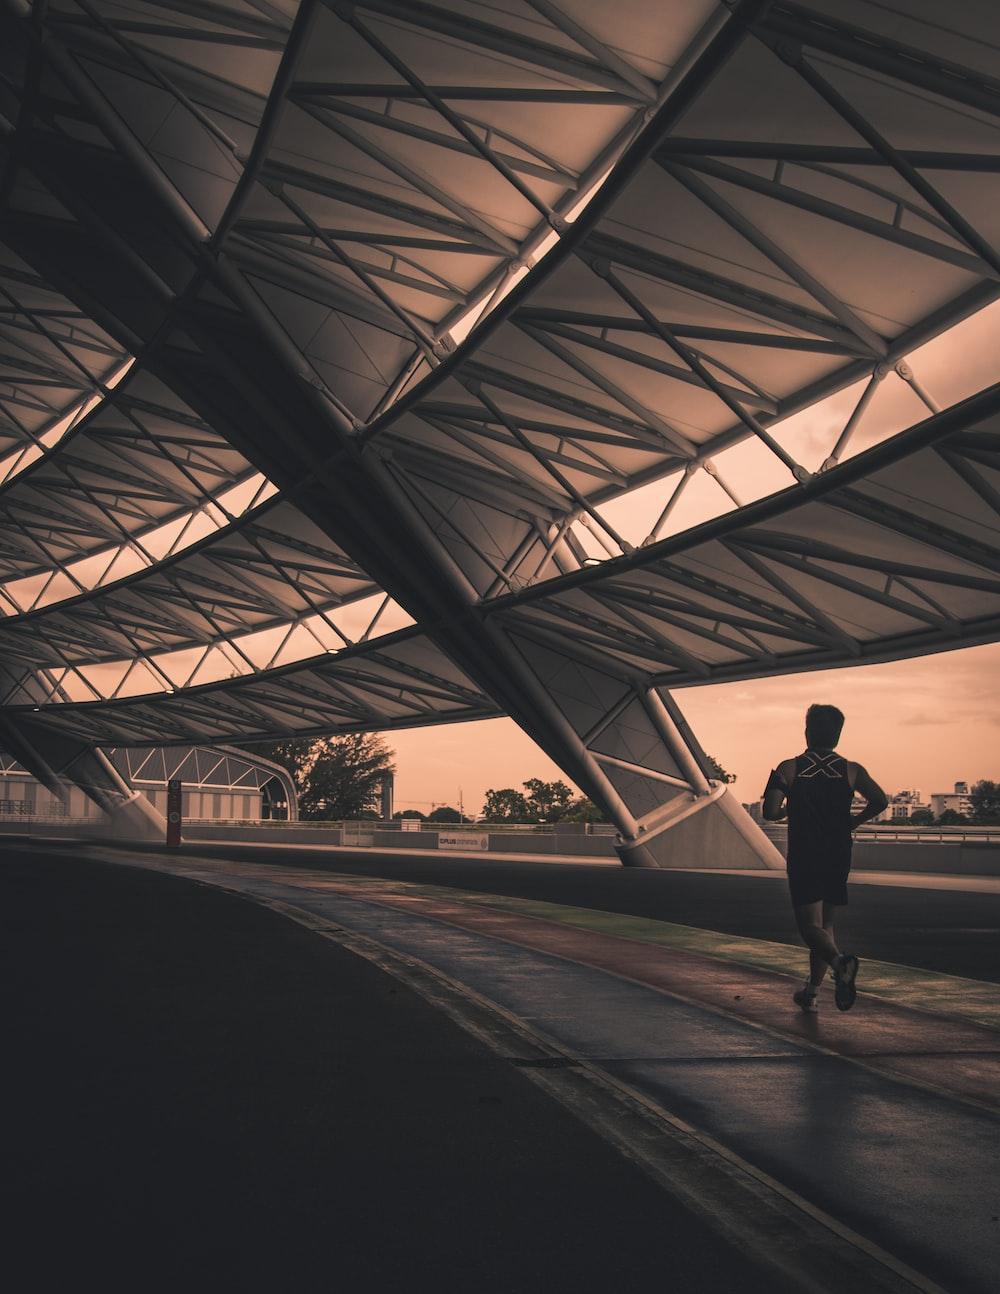 man wearing black shorts while running